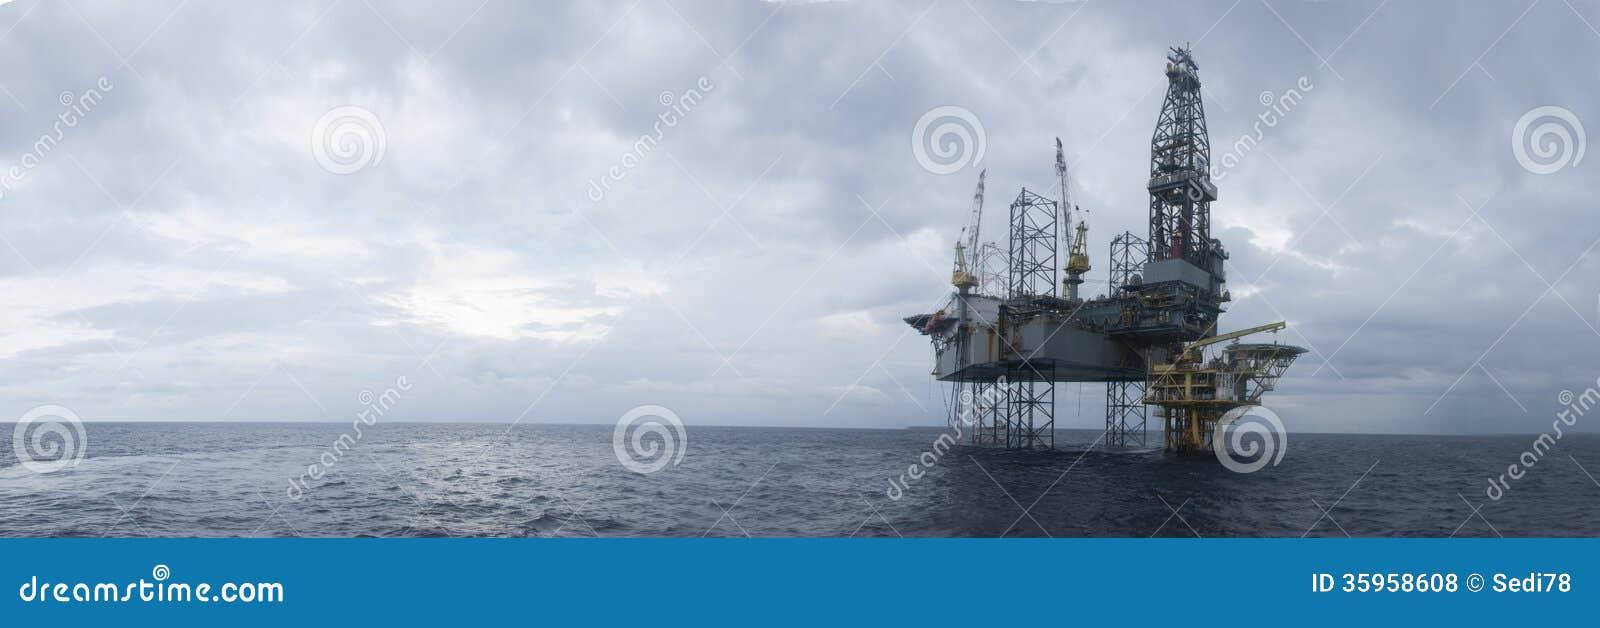 Jack Up Drilling Rig Over a pouca distância do mar a parte superior do petróleo e gás